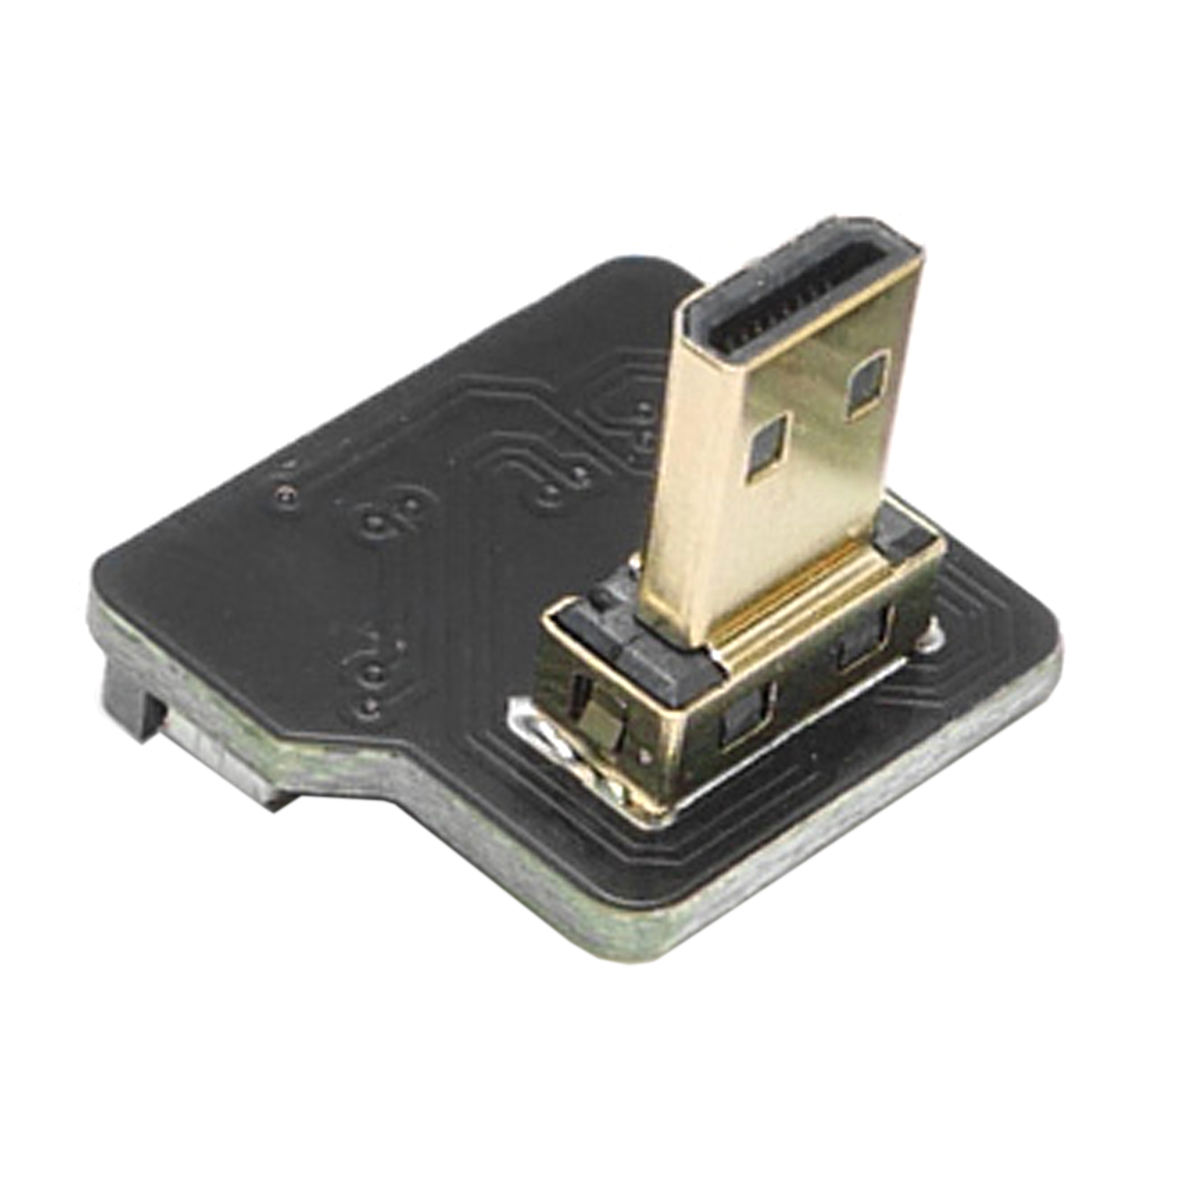 10 pcs/lot câble CYFPV Micro HDMI Type D mâle 90 degrés vers le bas connecteur coudé pour FPV HDTV Multicopter photographie aérienne